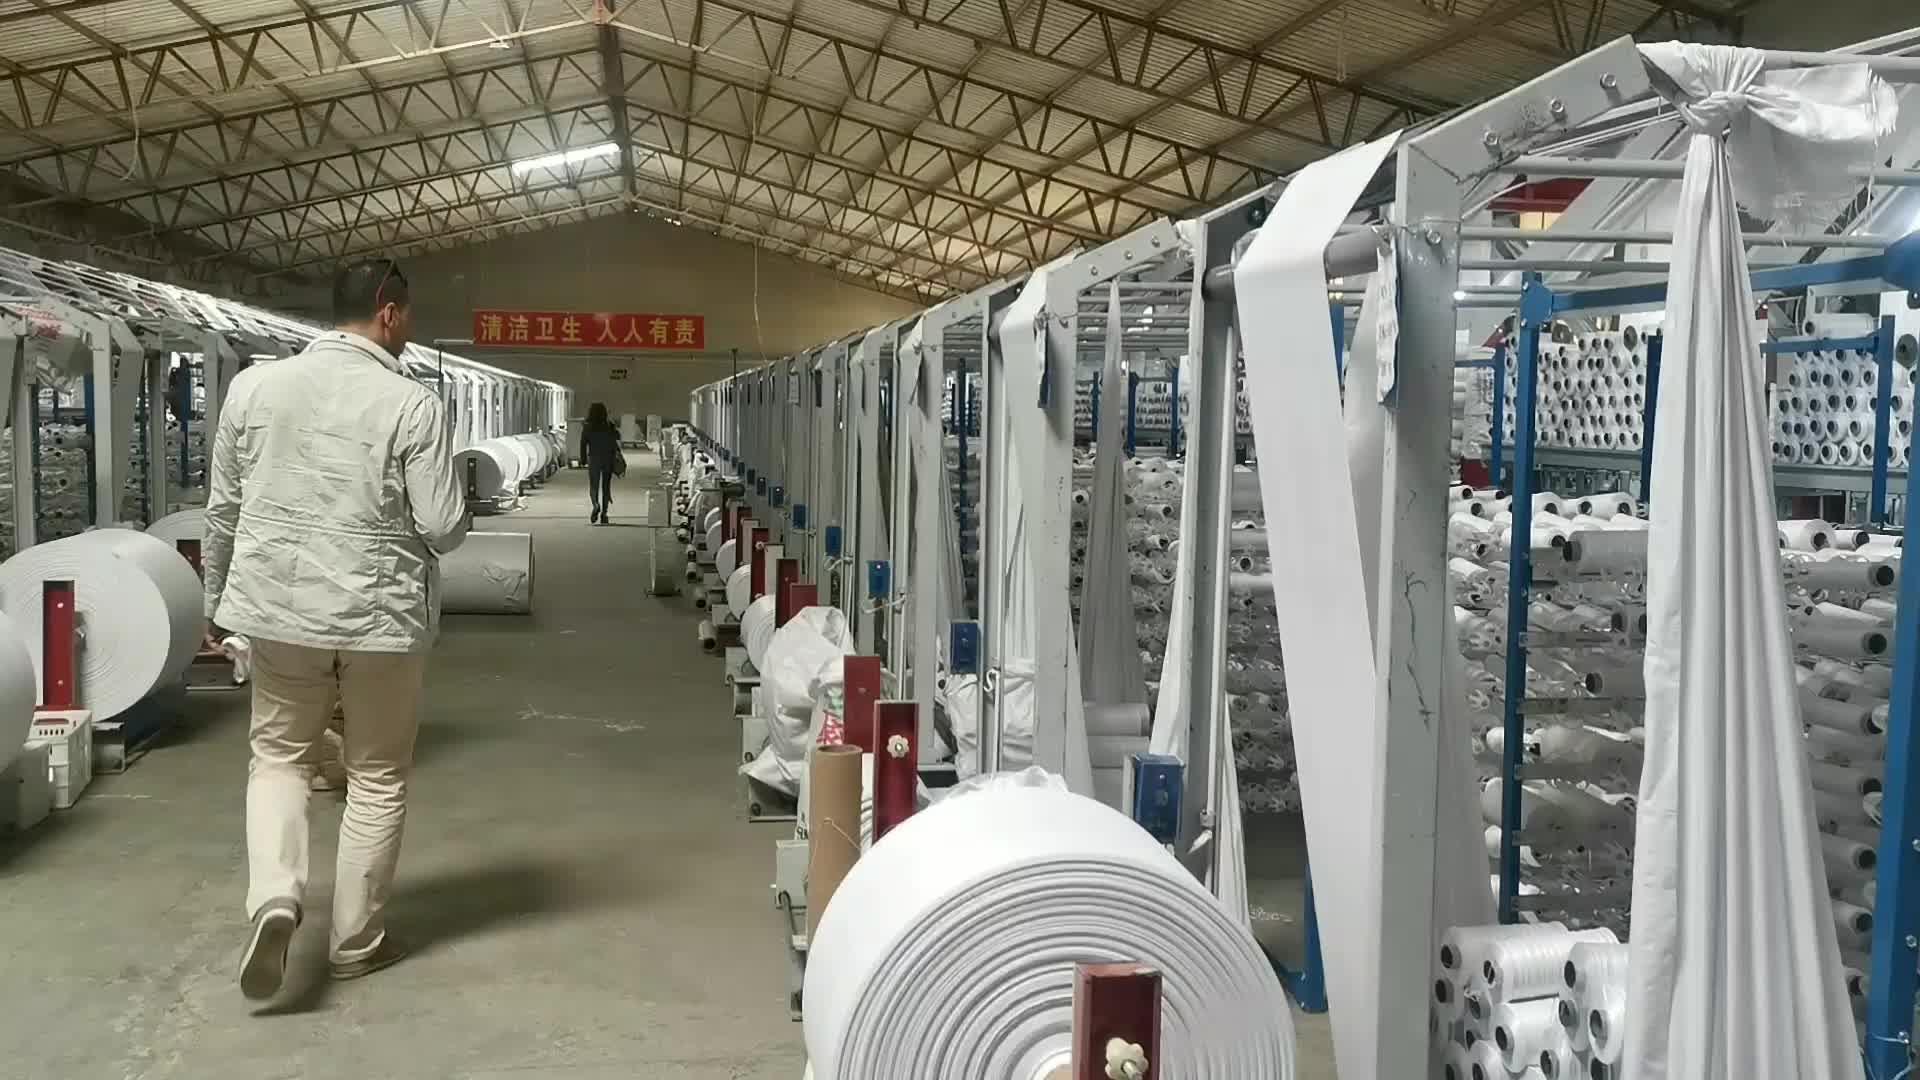 Tela tecida Dapoly do saco do arroz do fabricante dos sacos do preço barato de alta qualidade para sacos do trigo